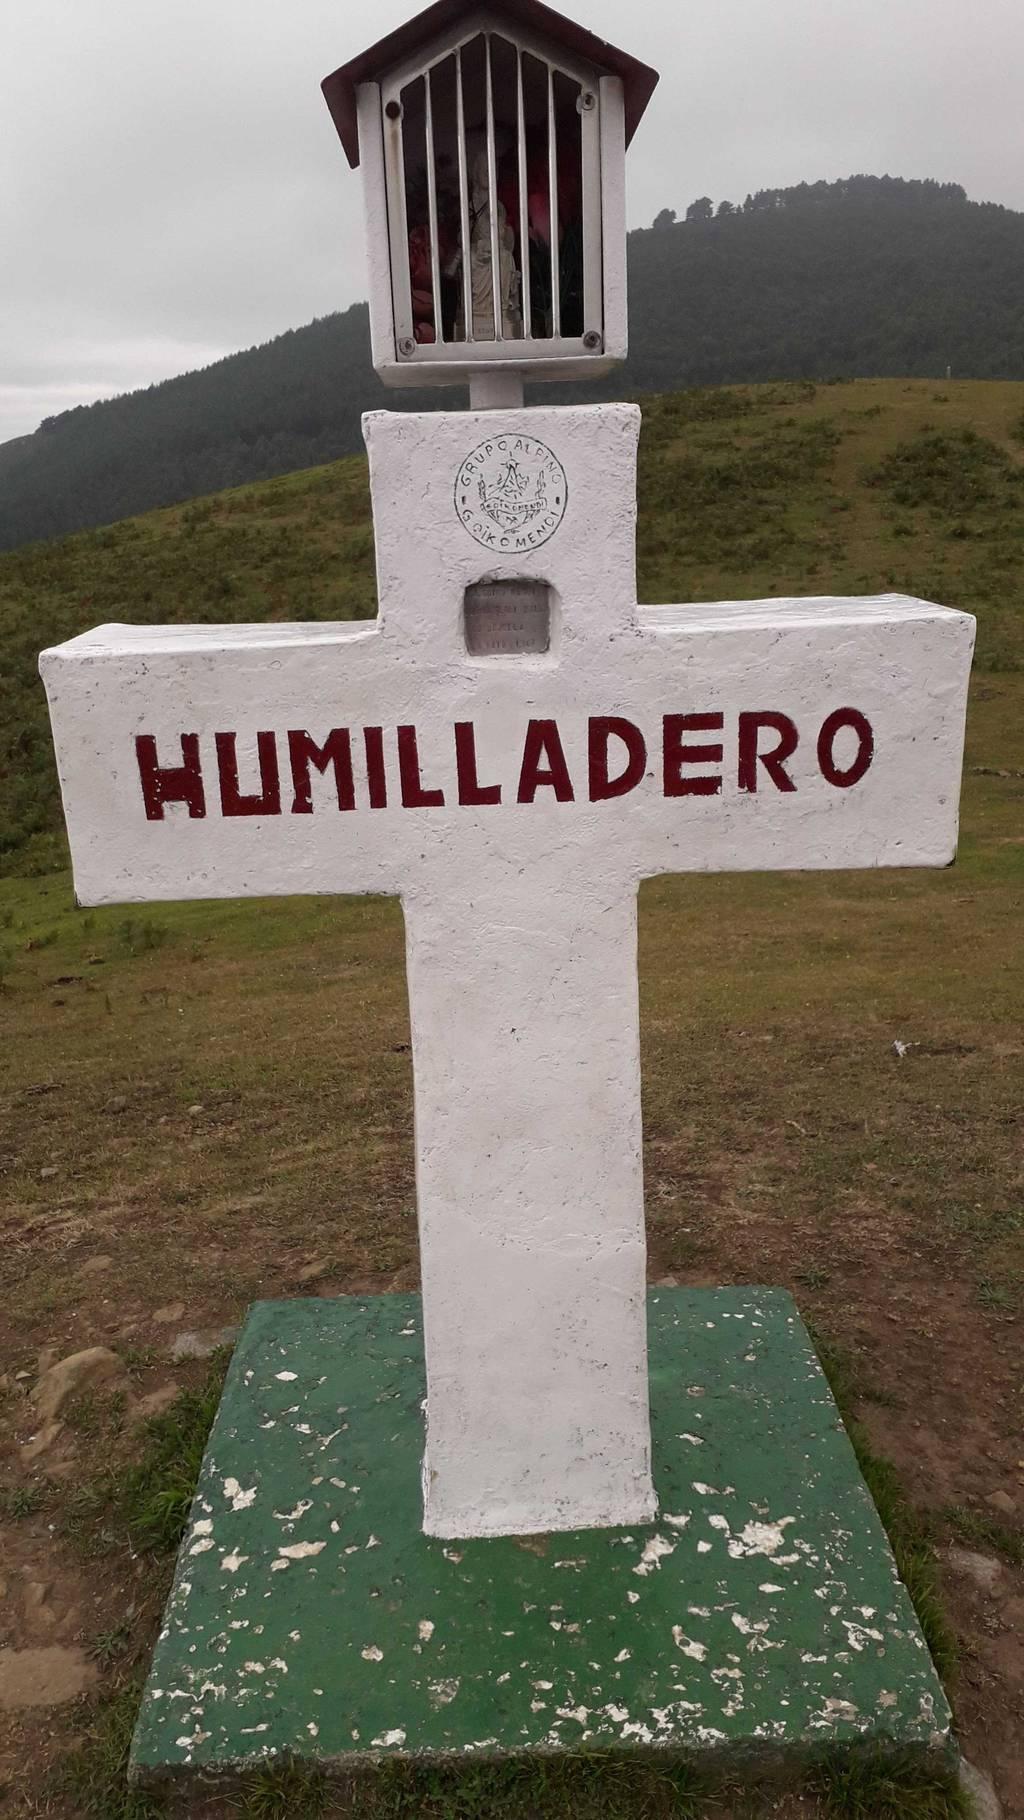 Iñaki Carrero Bujan erabiltzailea El Humilladero puntan, 2020-08-21 10:27